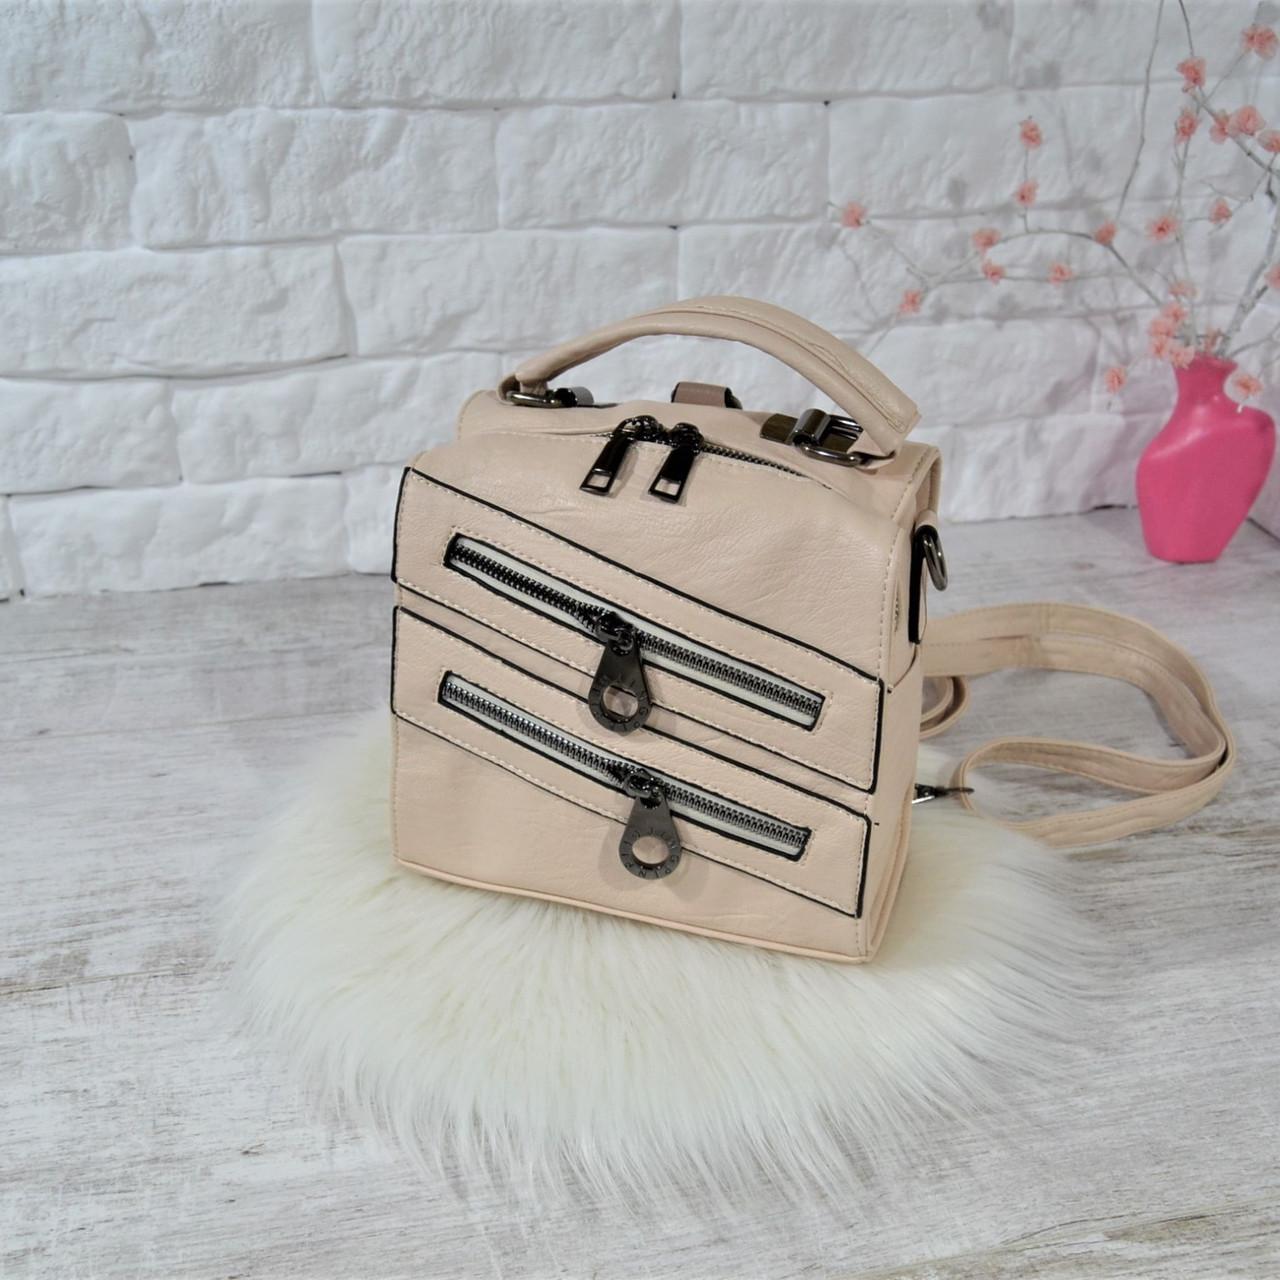 Сумка-рюкзак Женская сумка Сумка для девушки Модная женская сумка